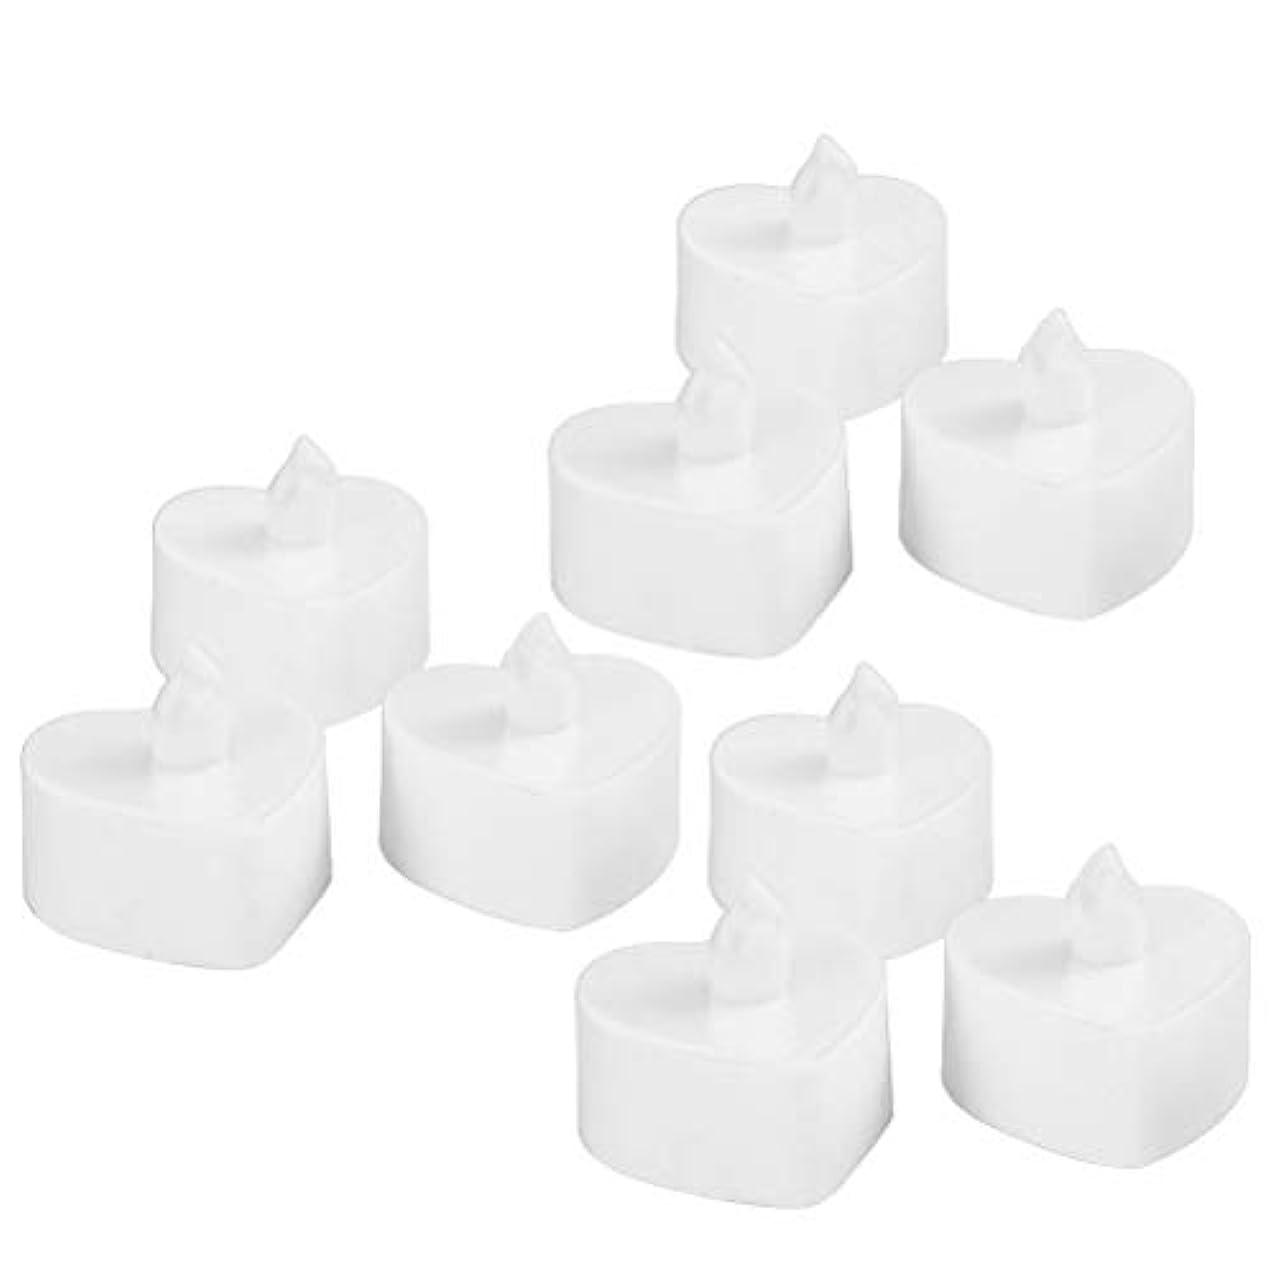 侵略奇妙な満州BESTOYARD 10個無炎キャンドルバッテリーは、キャンドルの結婚式のパーティーフェスティバルの装飾(白いシェル黄色の光)